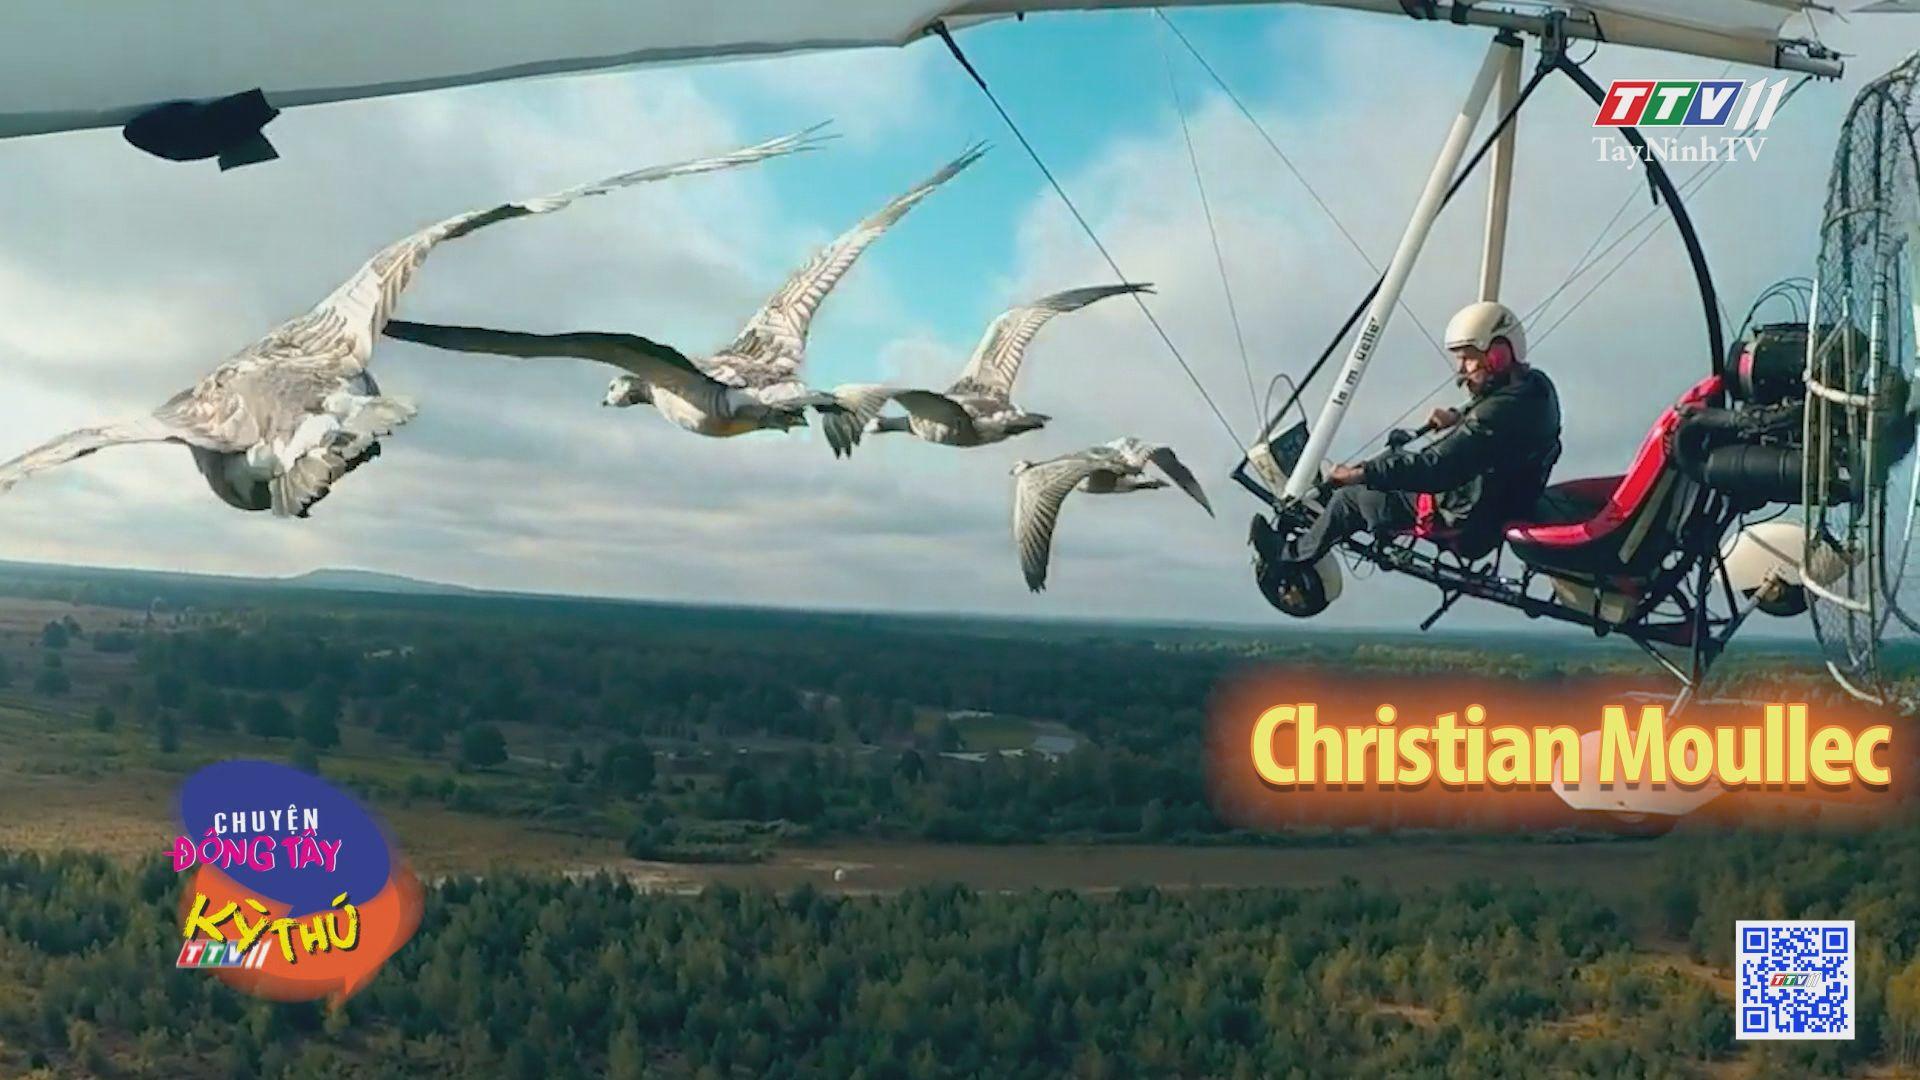 Người thích bay cùng các đàn chim | CHUYỆN ĐÔNG TÂY KỲ THÚ | TayNinhTV